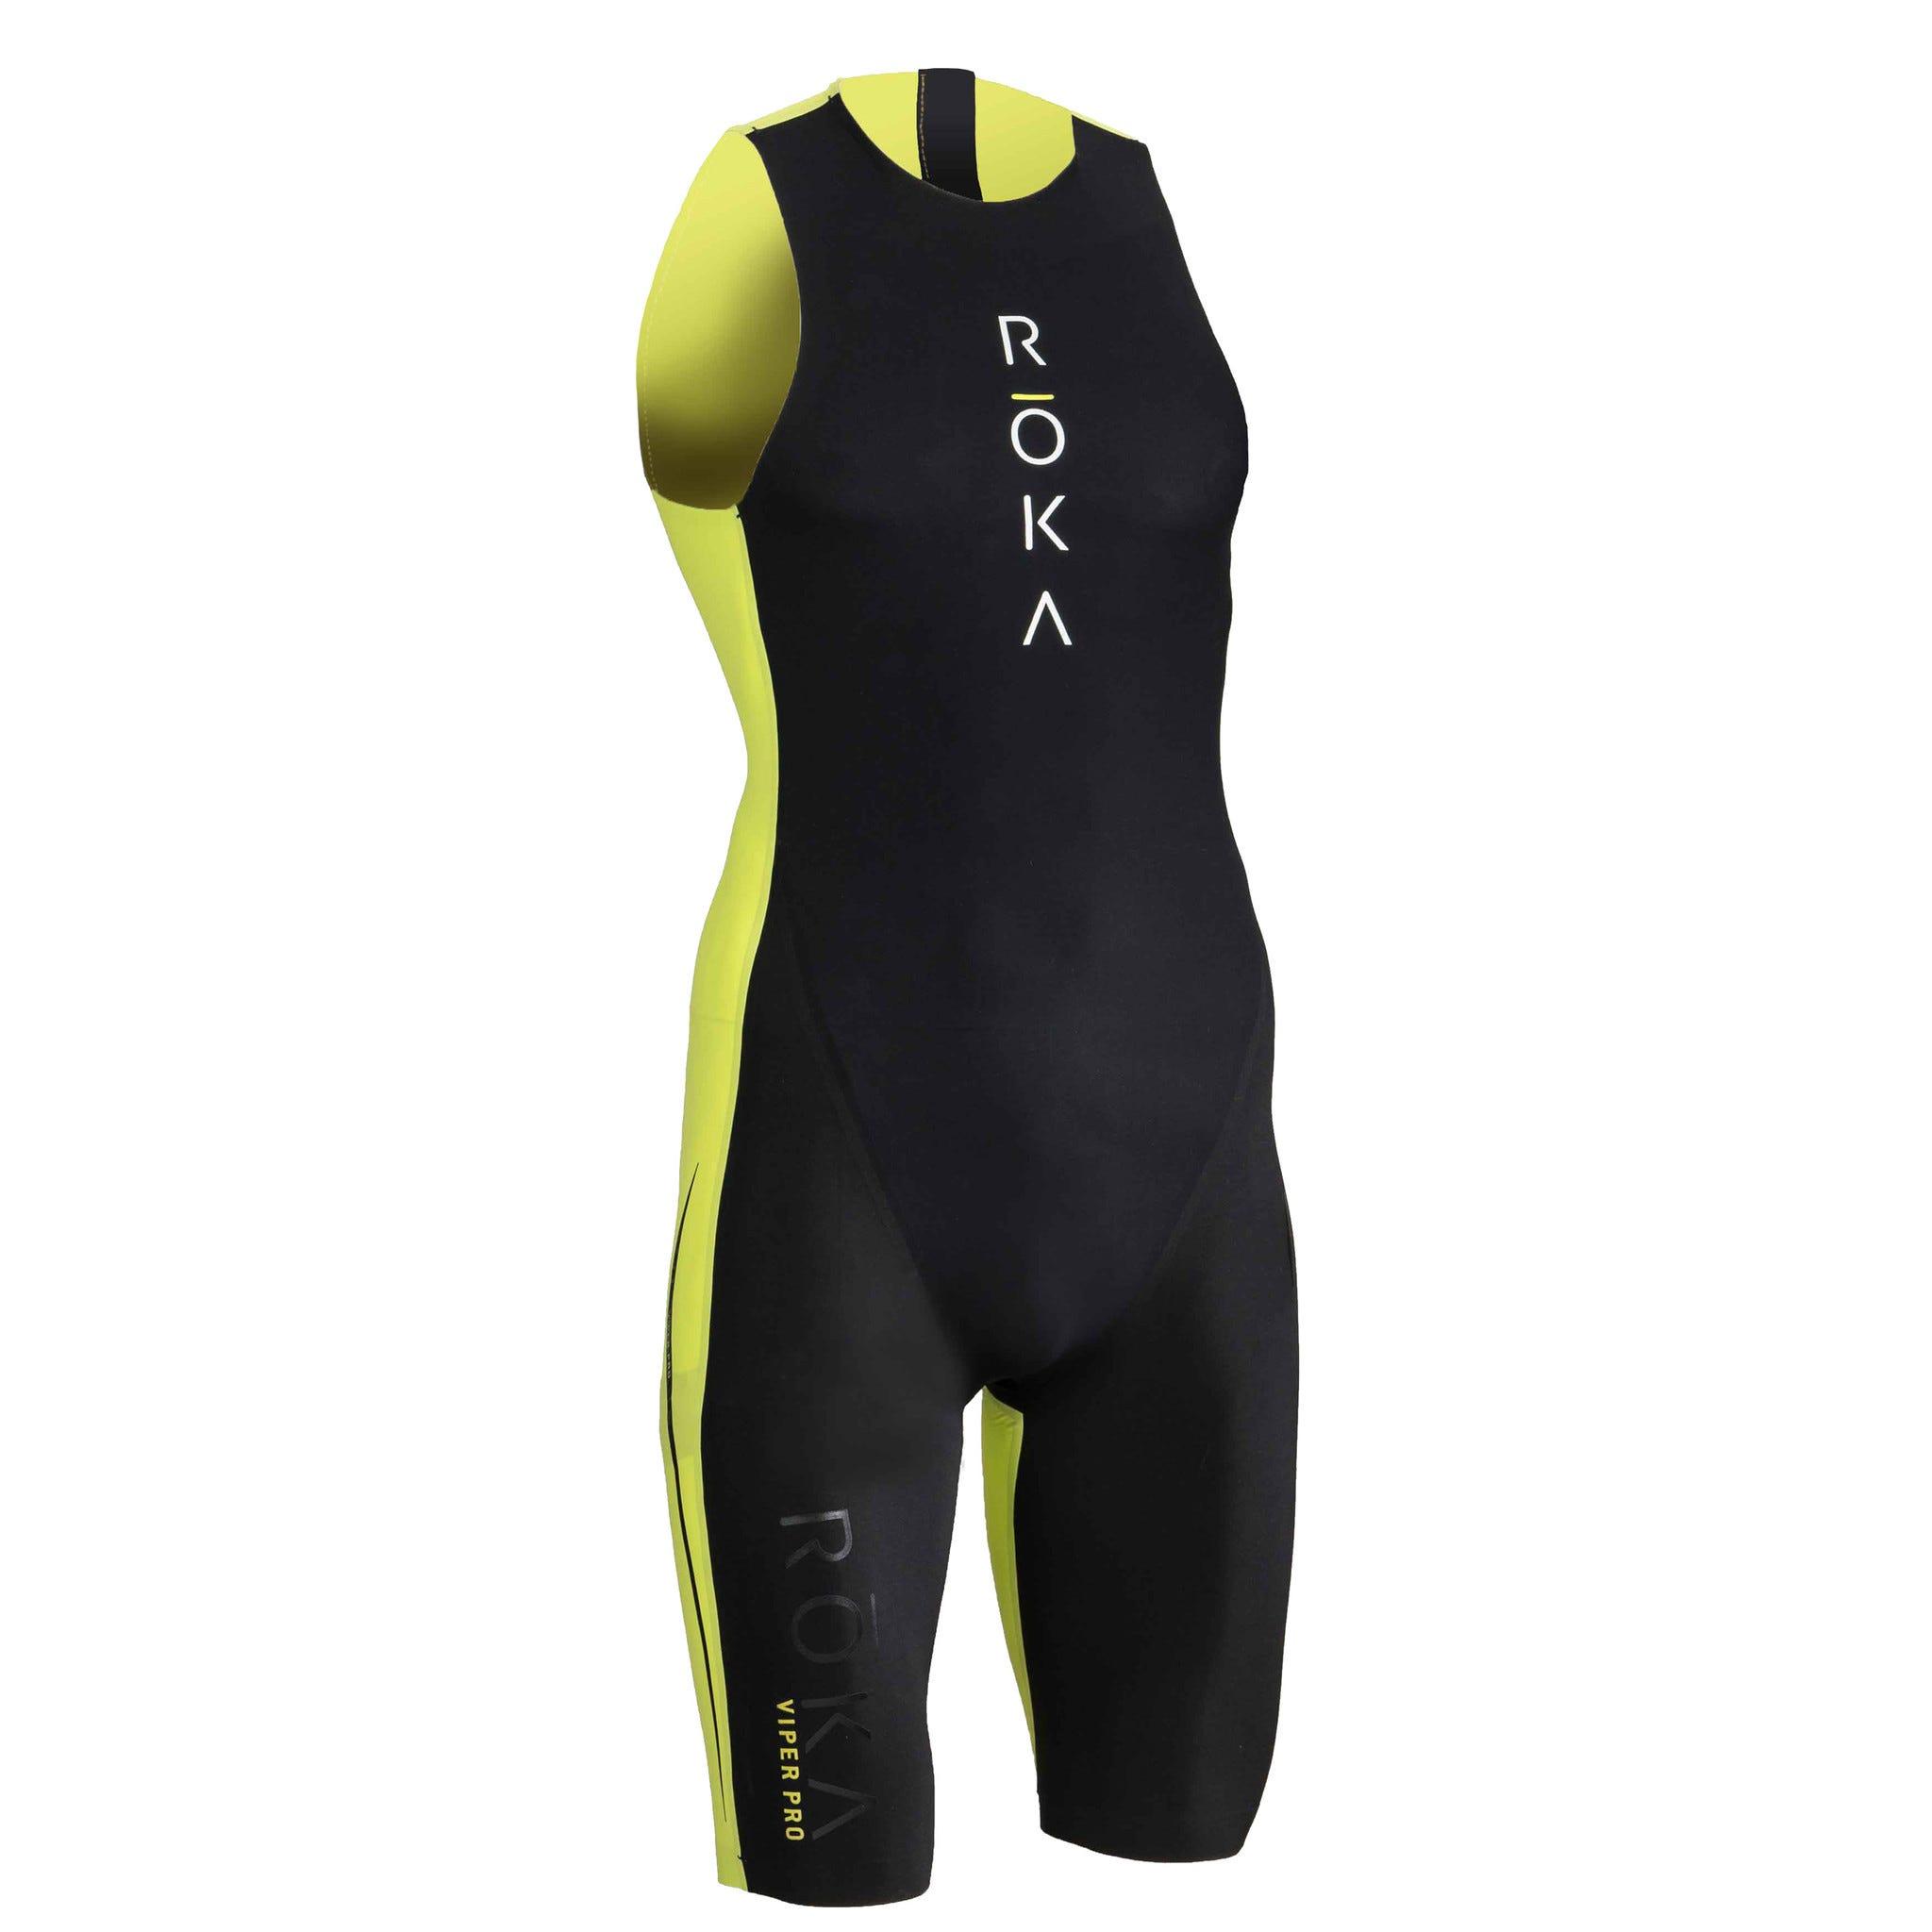 599979e1a5 IRONMAN ROKA Men's Viper Pro Swimskin-Black/Acid Lime